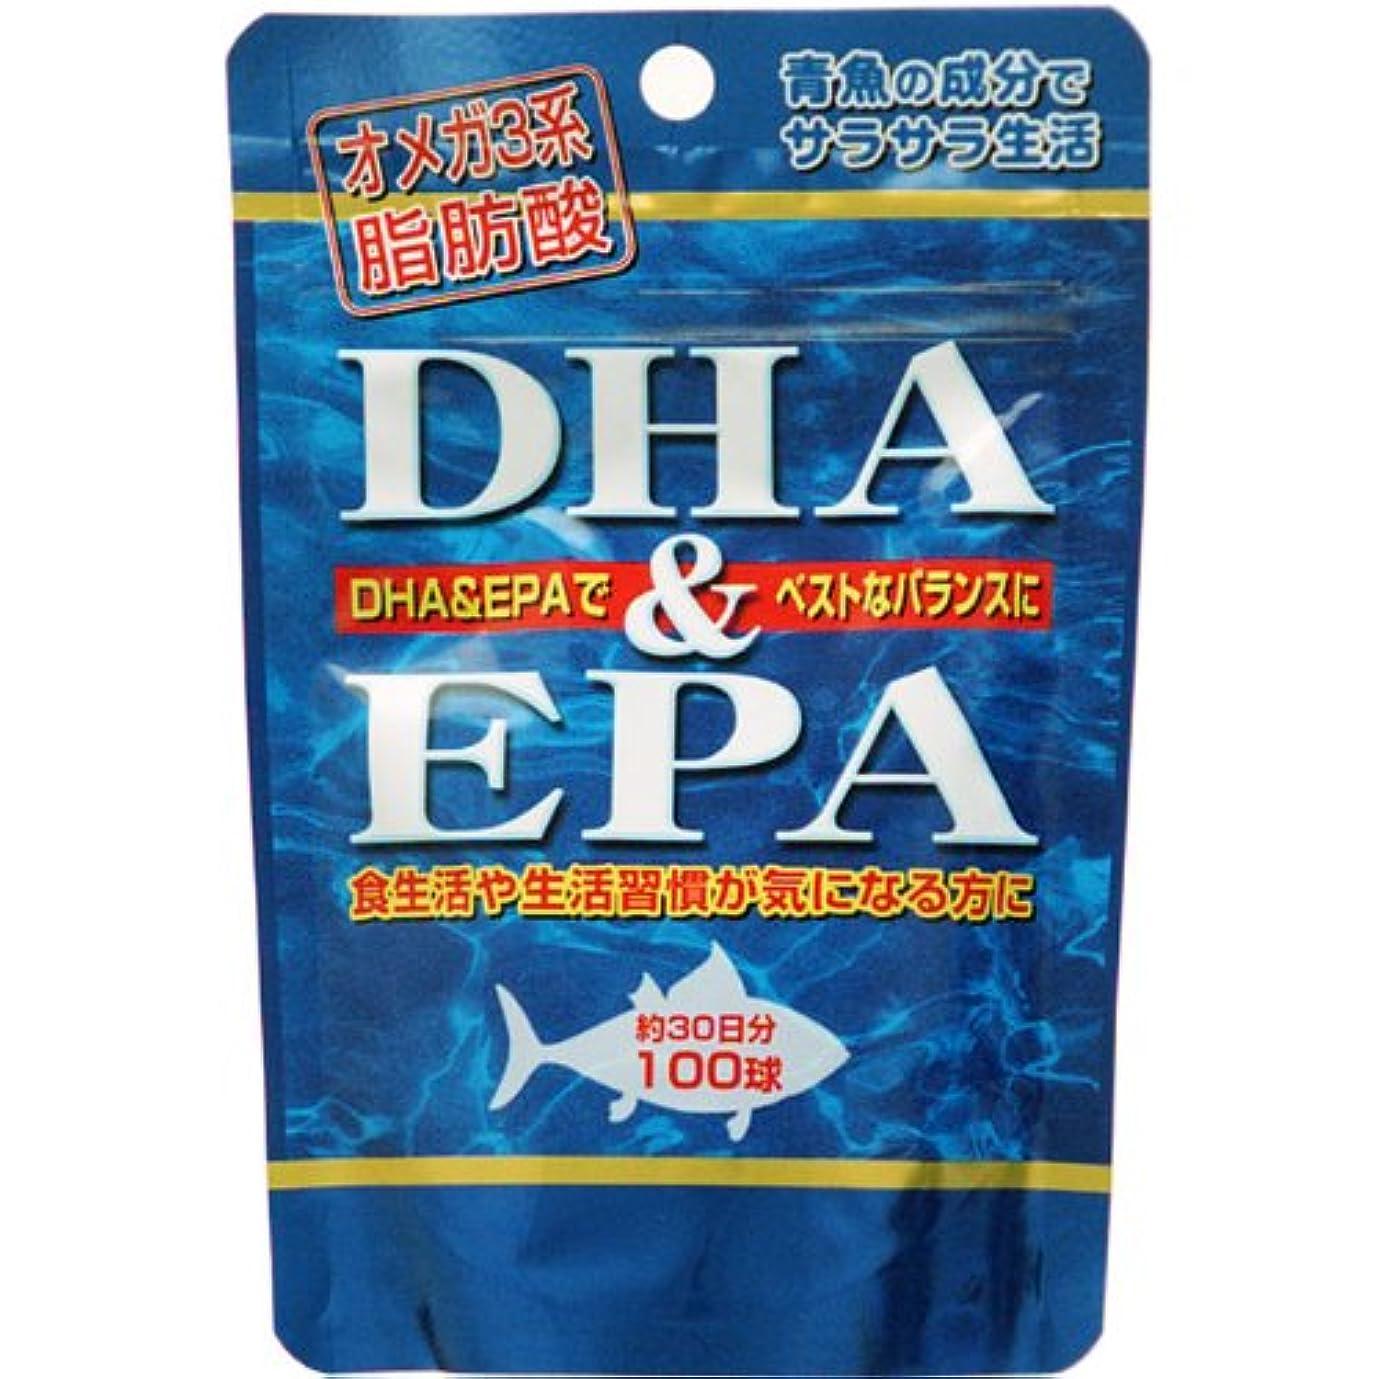 配列ジャーナル滑りやすいDHA(ドコサヘキサエン酸)&EPA(エイコサペンタエン酸)×5